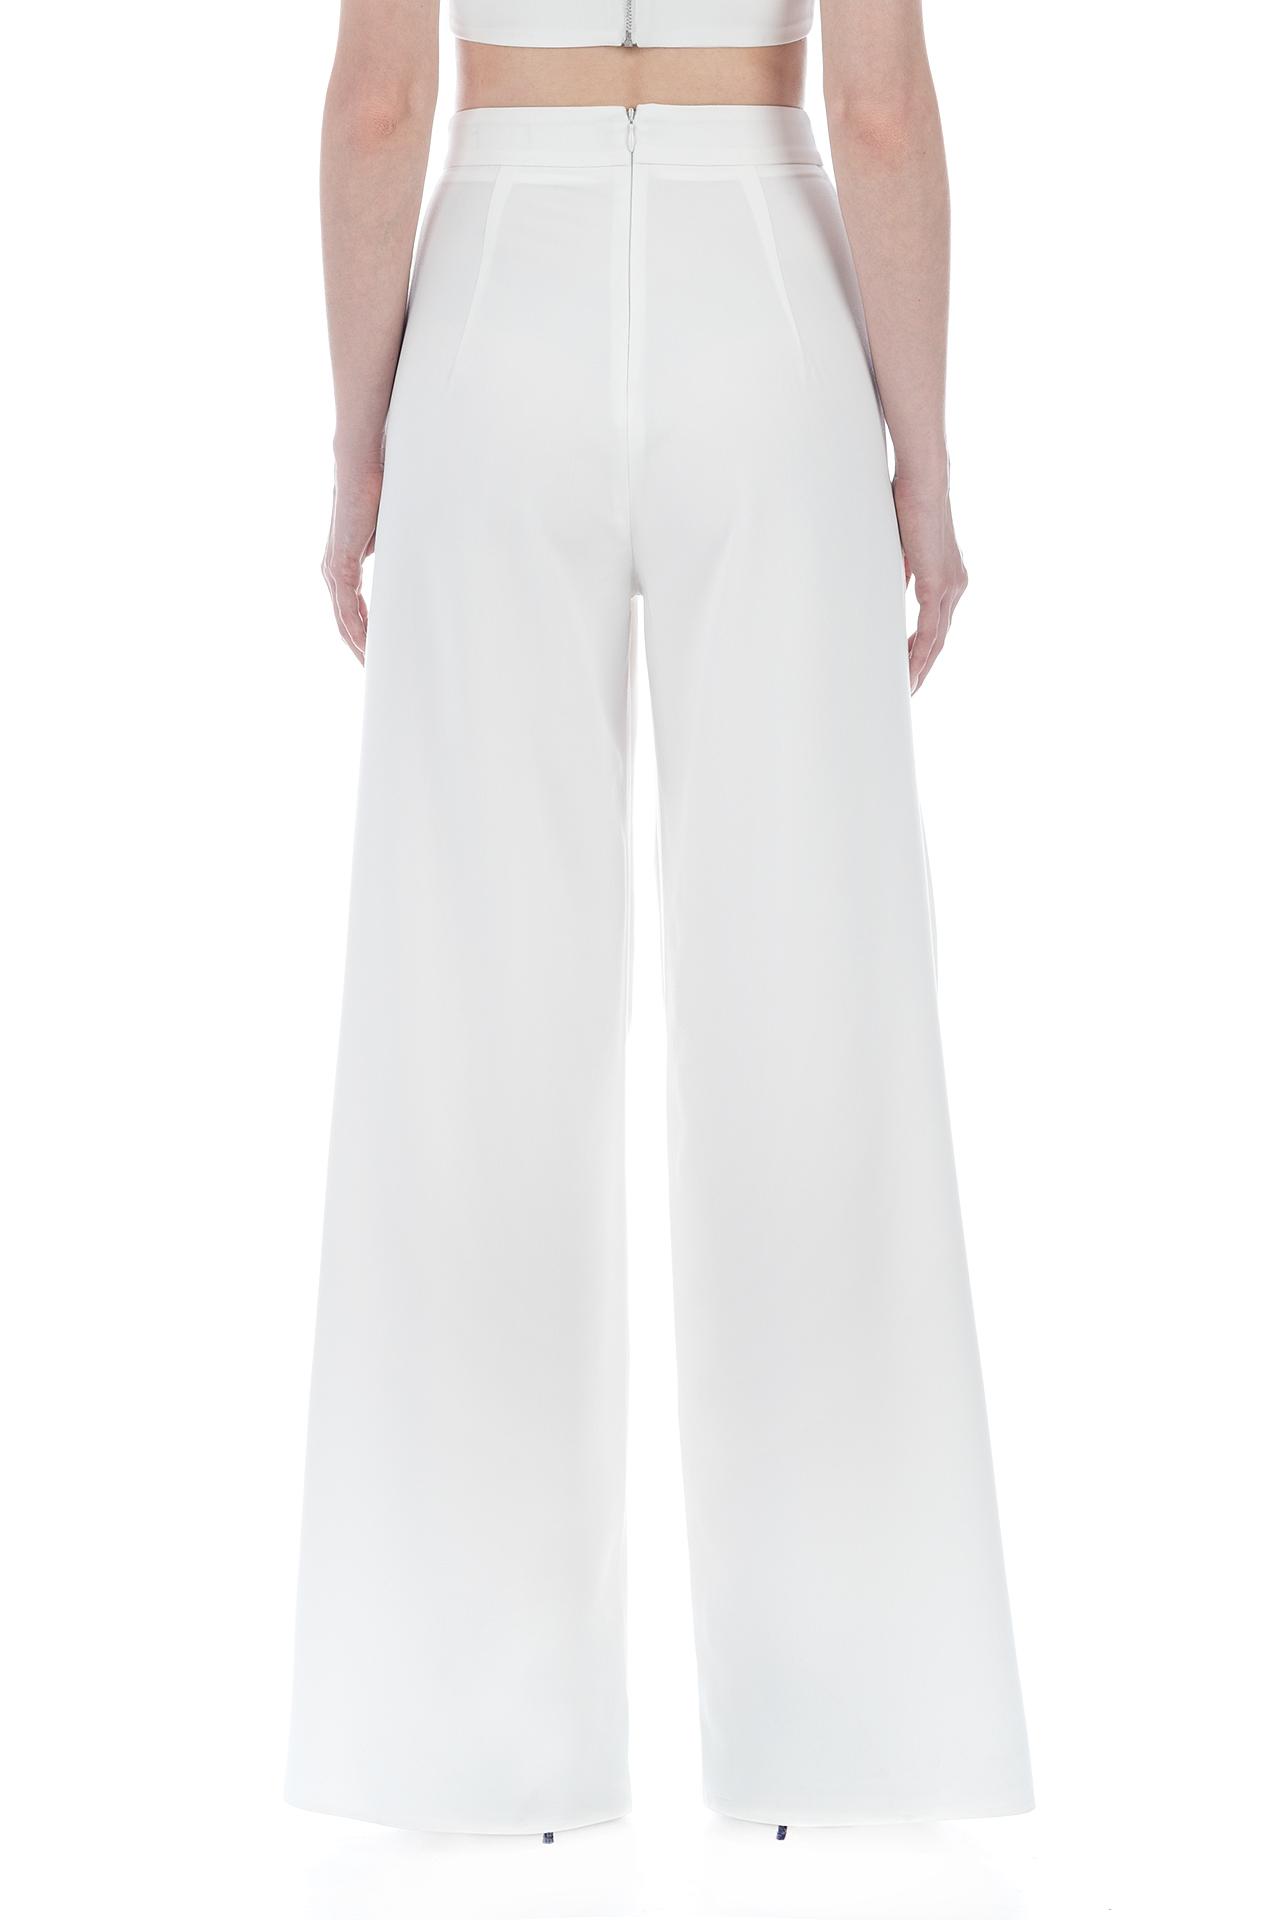 VLADI PANT WHITE 3